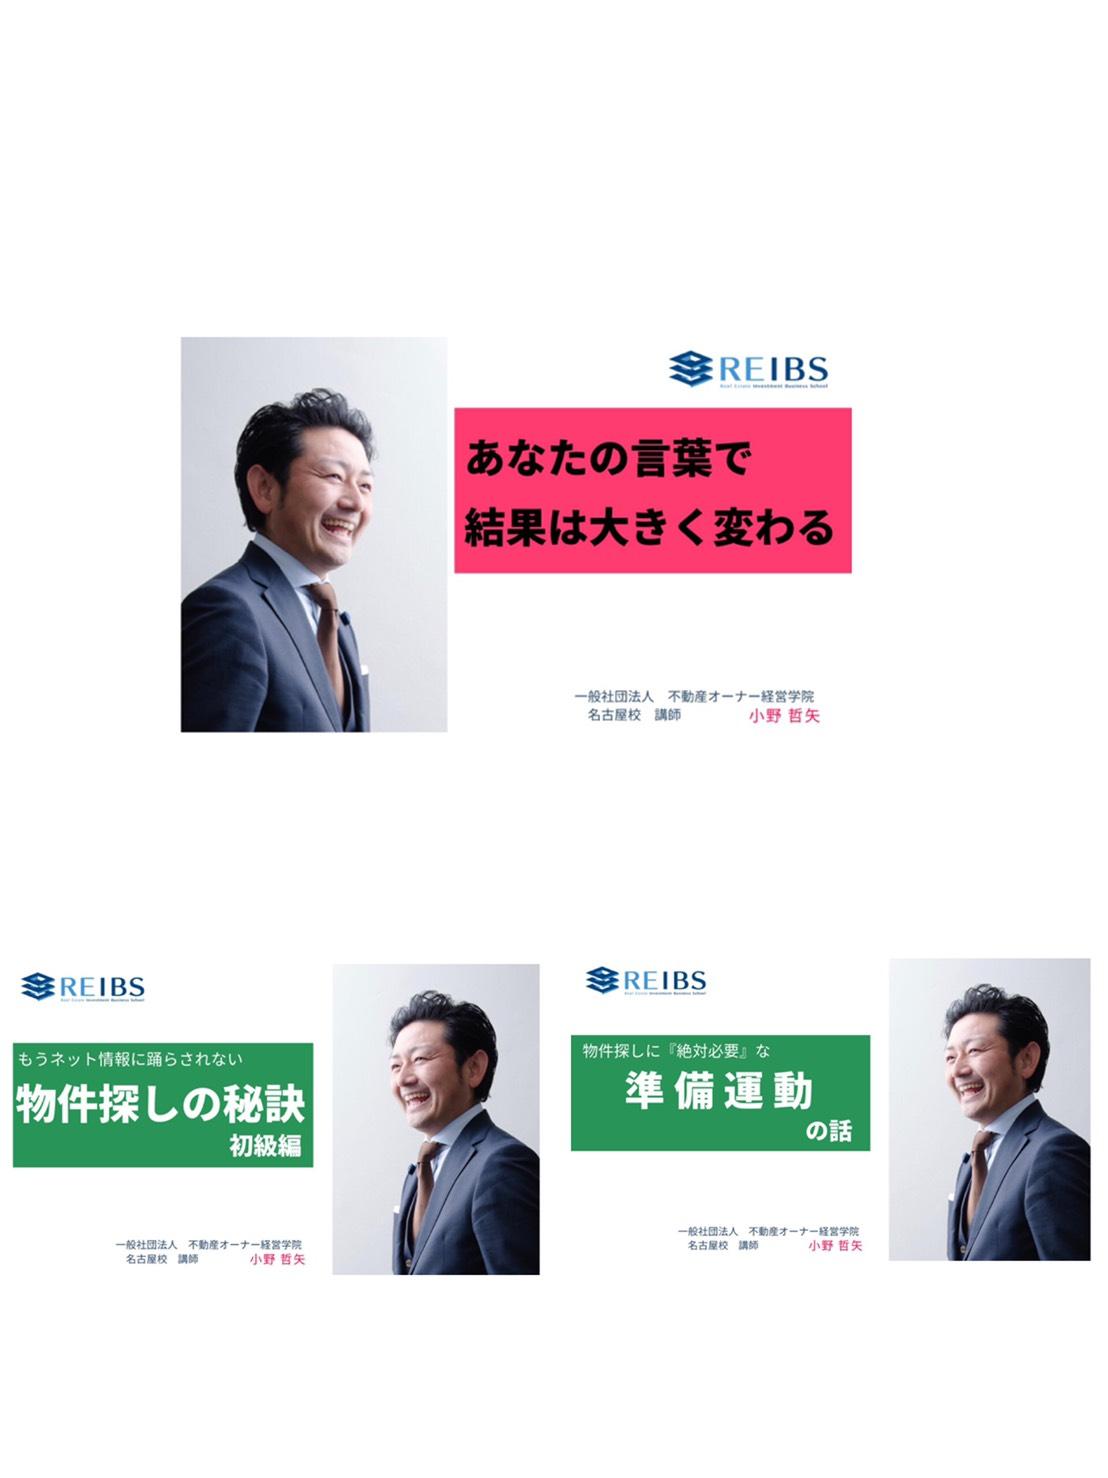 あなたの言葉で結果は大きく変わる。 名古屋校講師 小野哲矢、物件探しの秘訣、準備運動の話